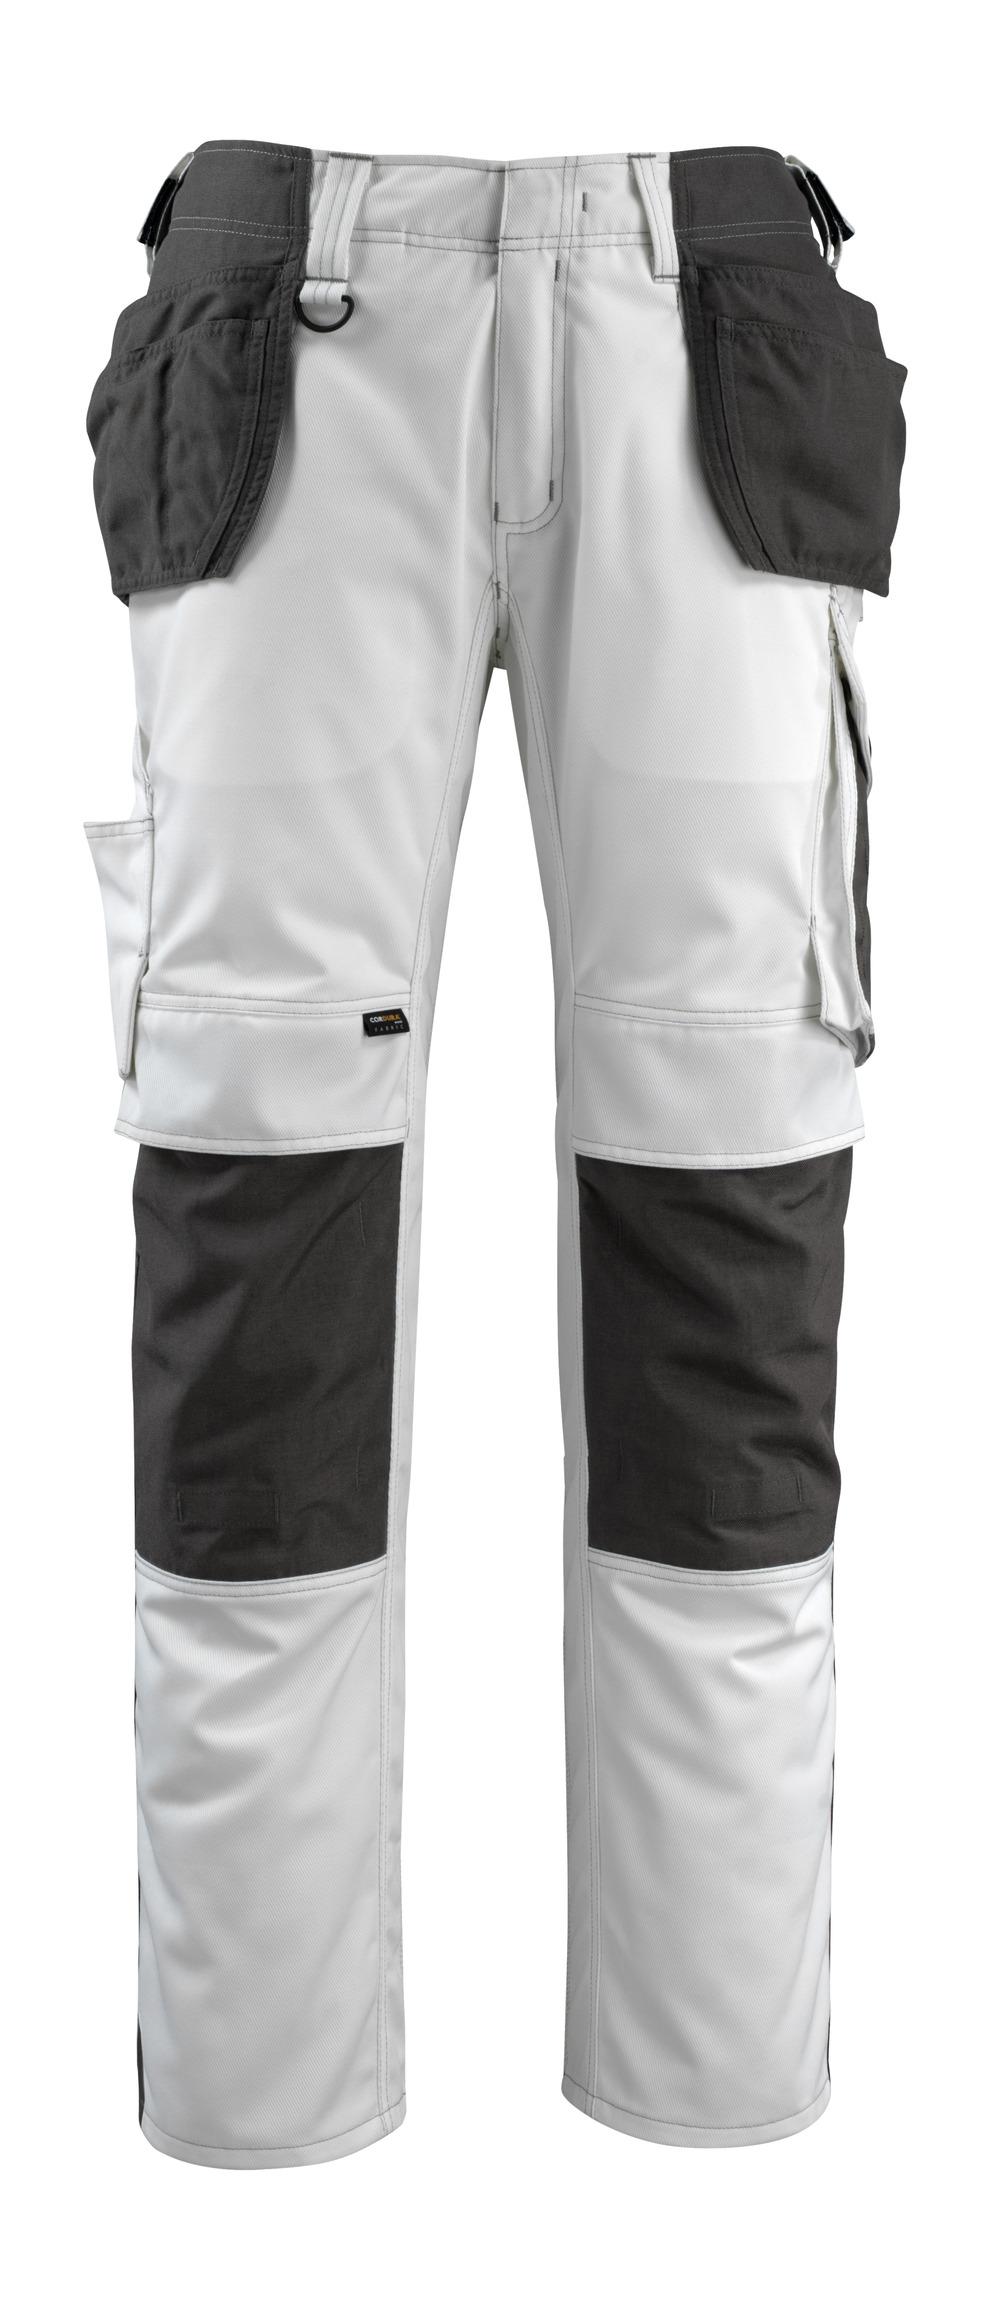 14031-203-0618 Bukser med knæ- og hængelommer - hvid/mørk antracit